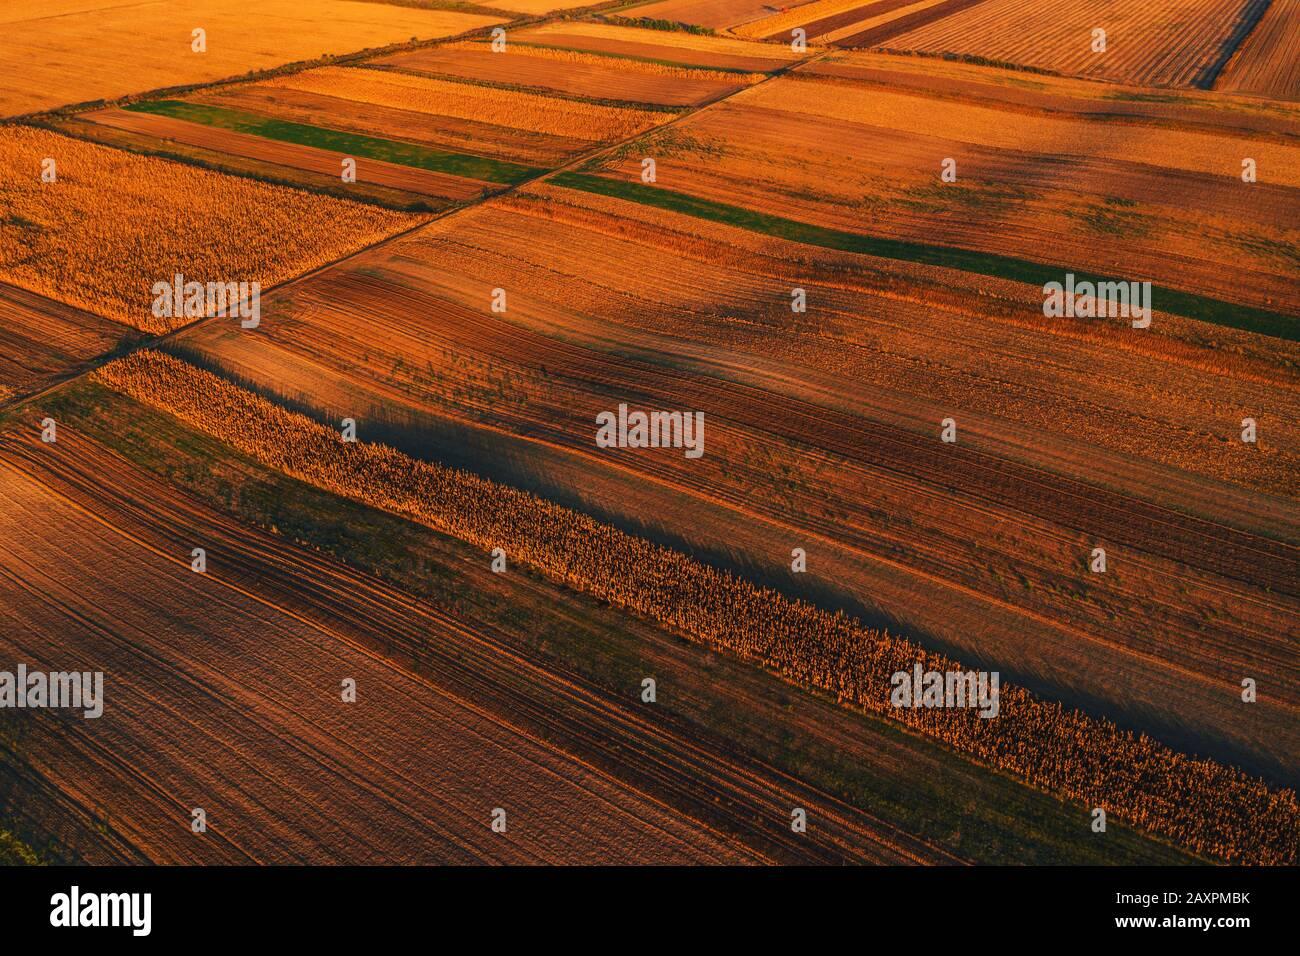 Colorido paisaje mosaico antecedentes, campo agrícola cultivada como patrón abstracto en otoño de puesta de sol, vista aérea de drone POV Foto de stock